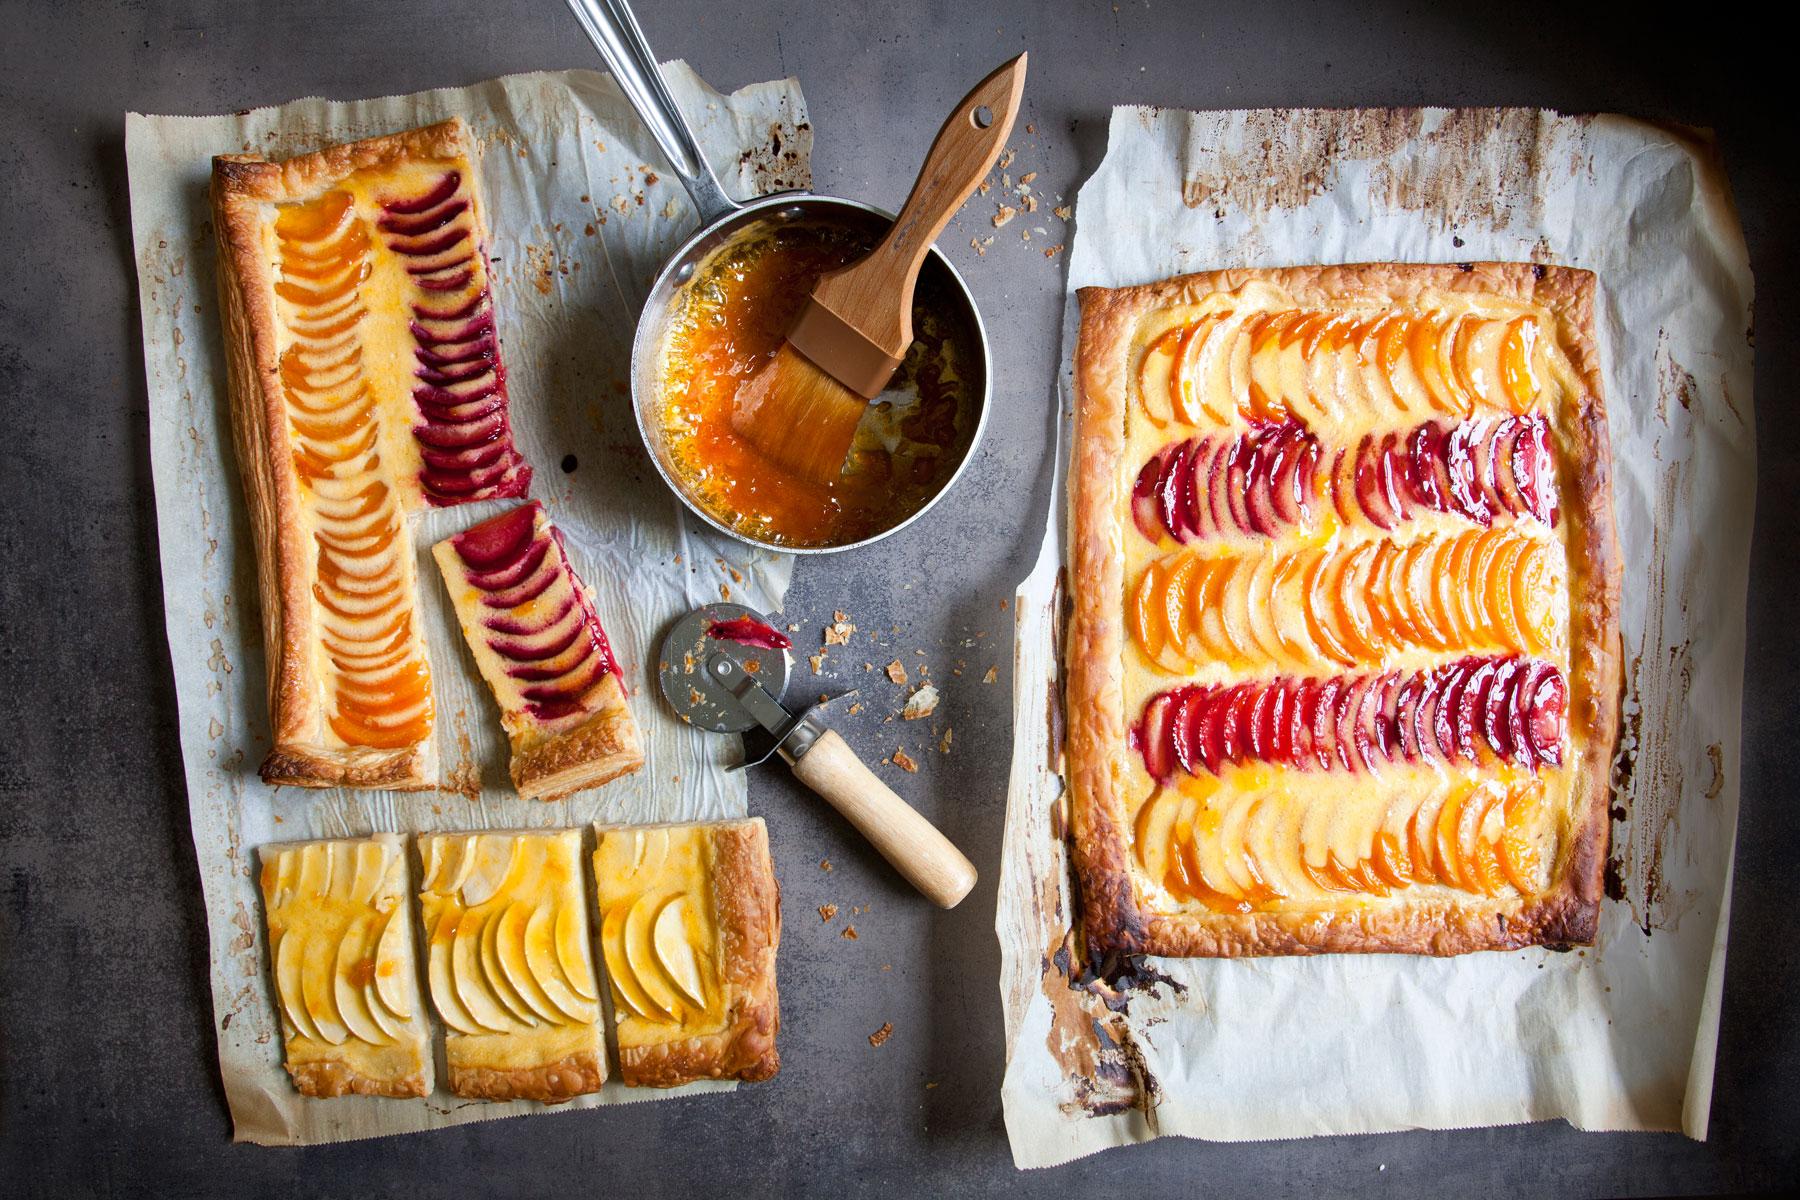 Renee Muller Our Table Fruit Tart Dessert